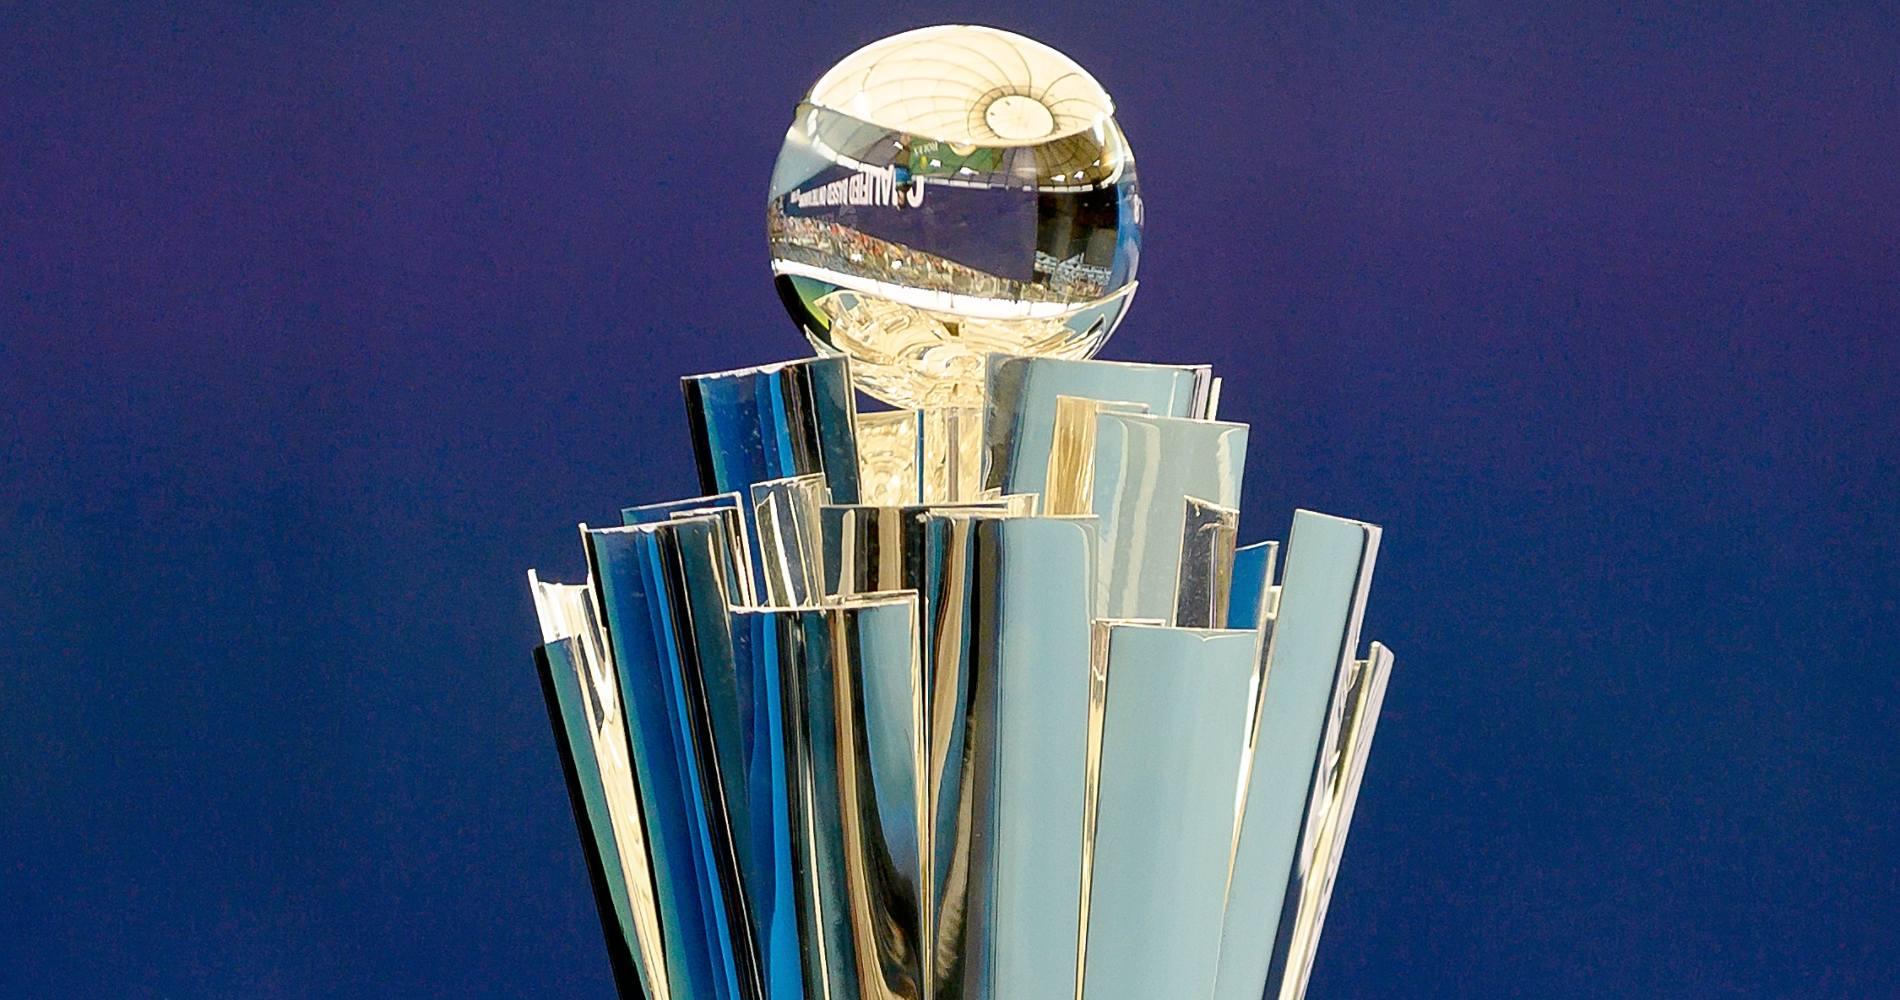 ATP Cup, Trophy